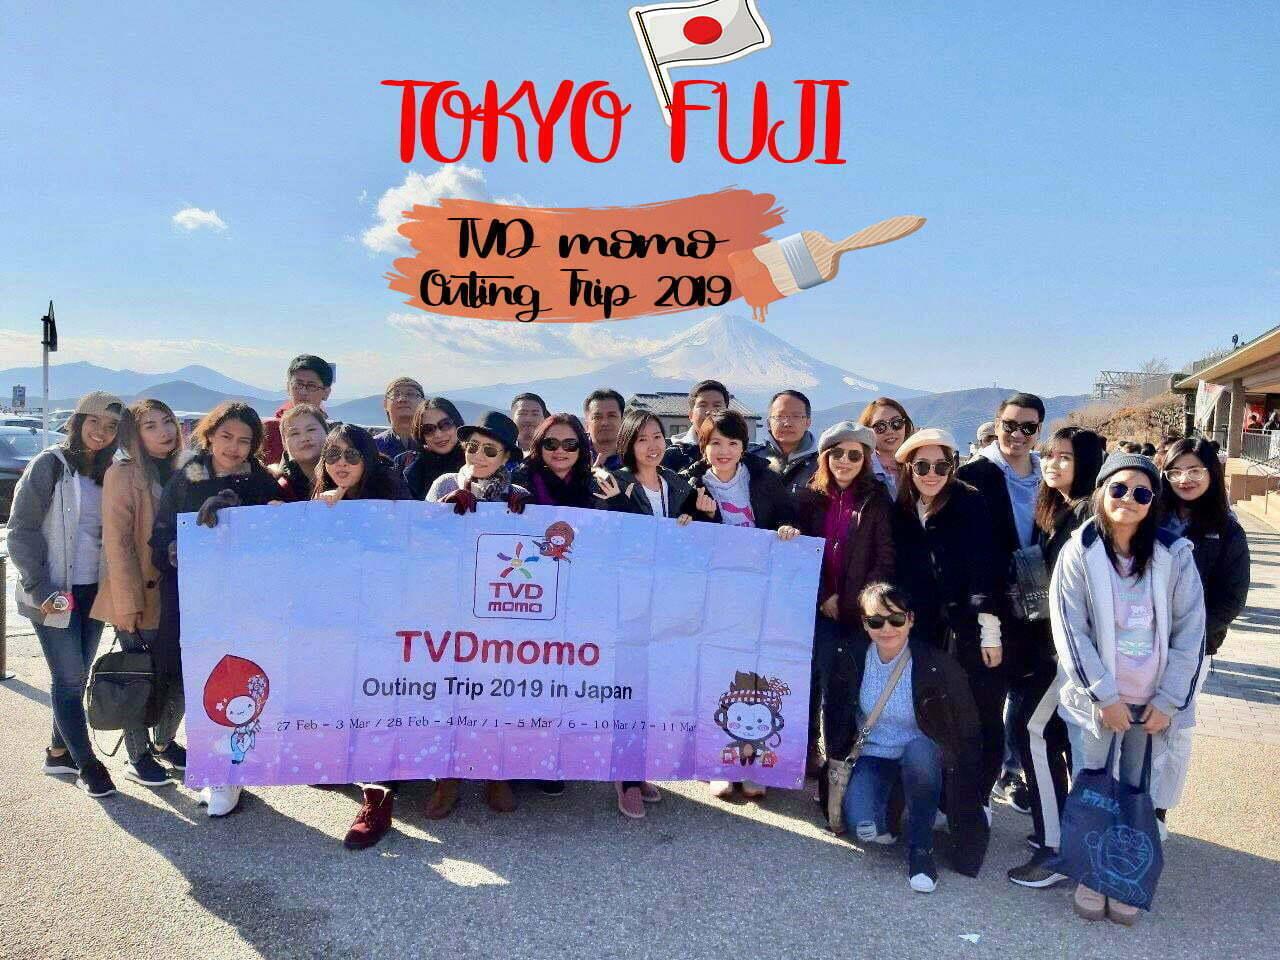 รีวิว ครอบครัว TVD momo 27-9 มี.ค.62 โตเกียว ฟูจิ (5 บัส)